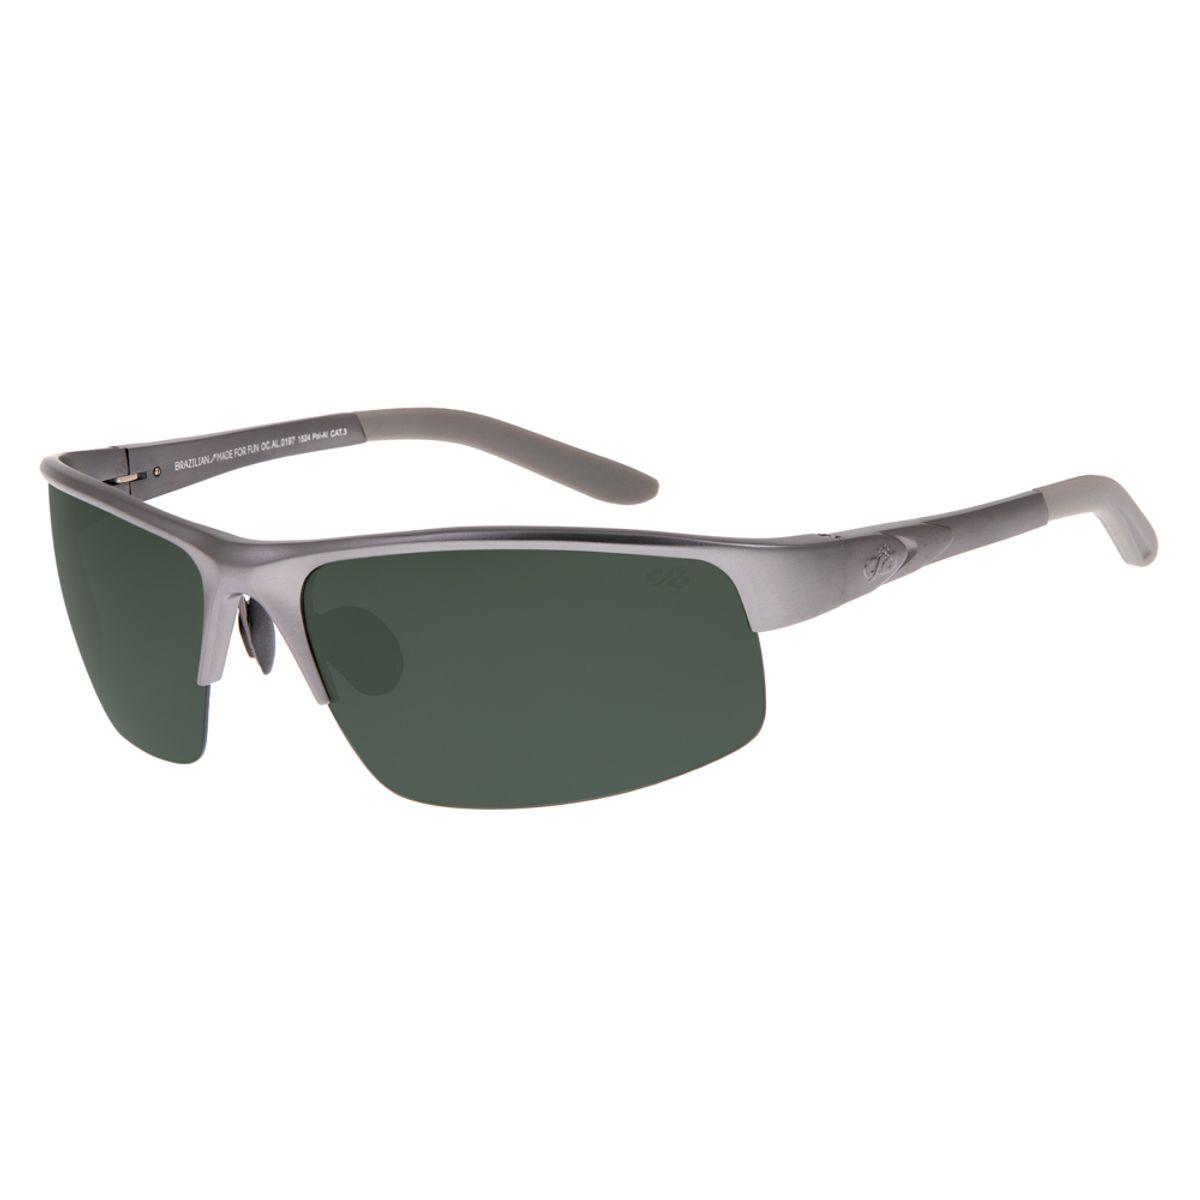 7ae5aea7e Óculos de Sol Masculino Esportivo Chilli Beans Grafite Polarizado 0197 -  OC.AL.0197.1524 M. REF: OC.AL.0197.1524. OC.